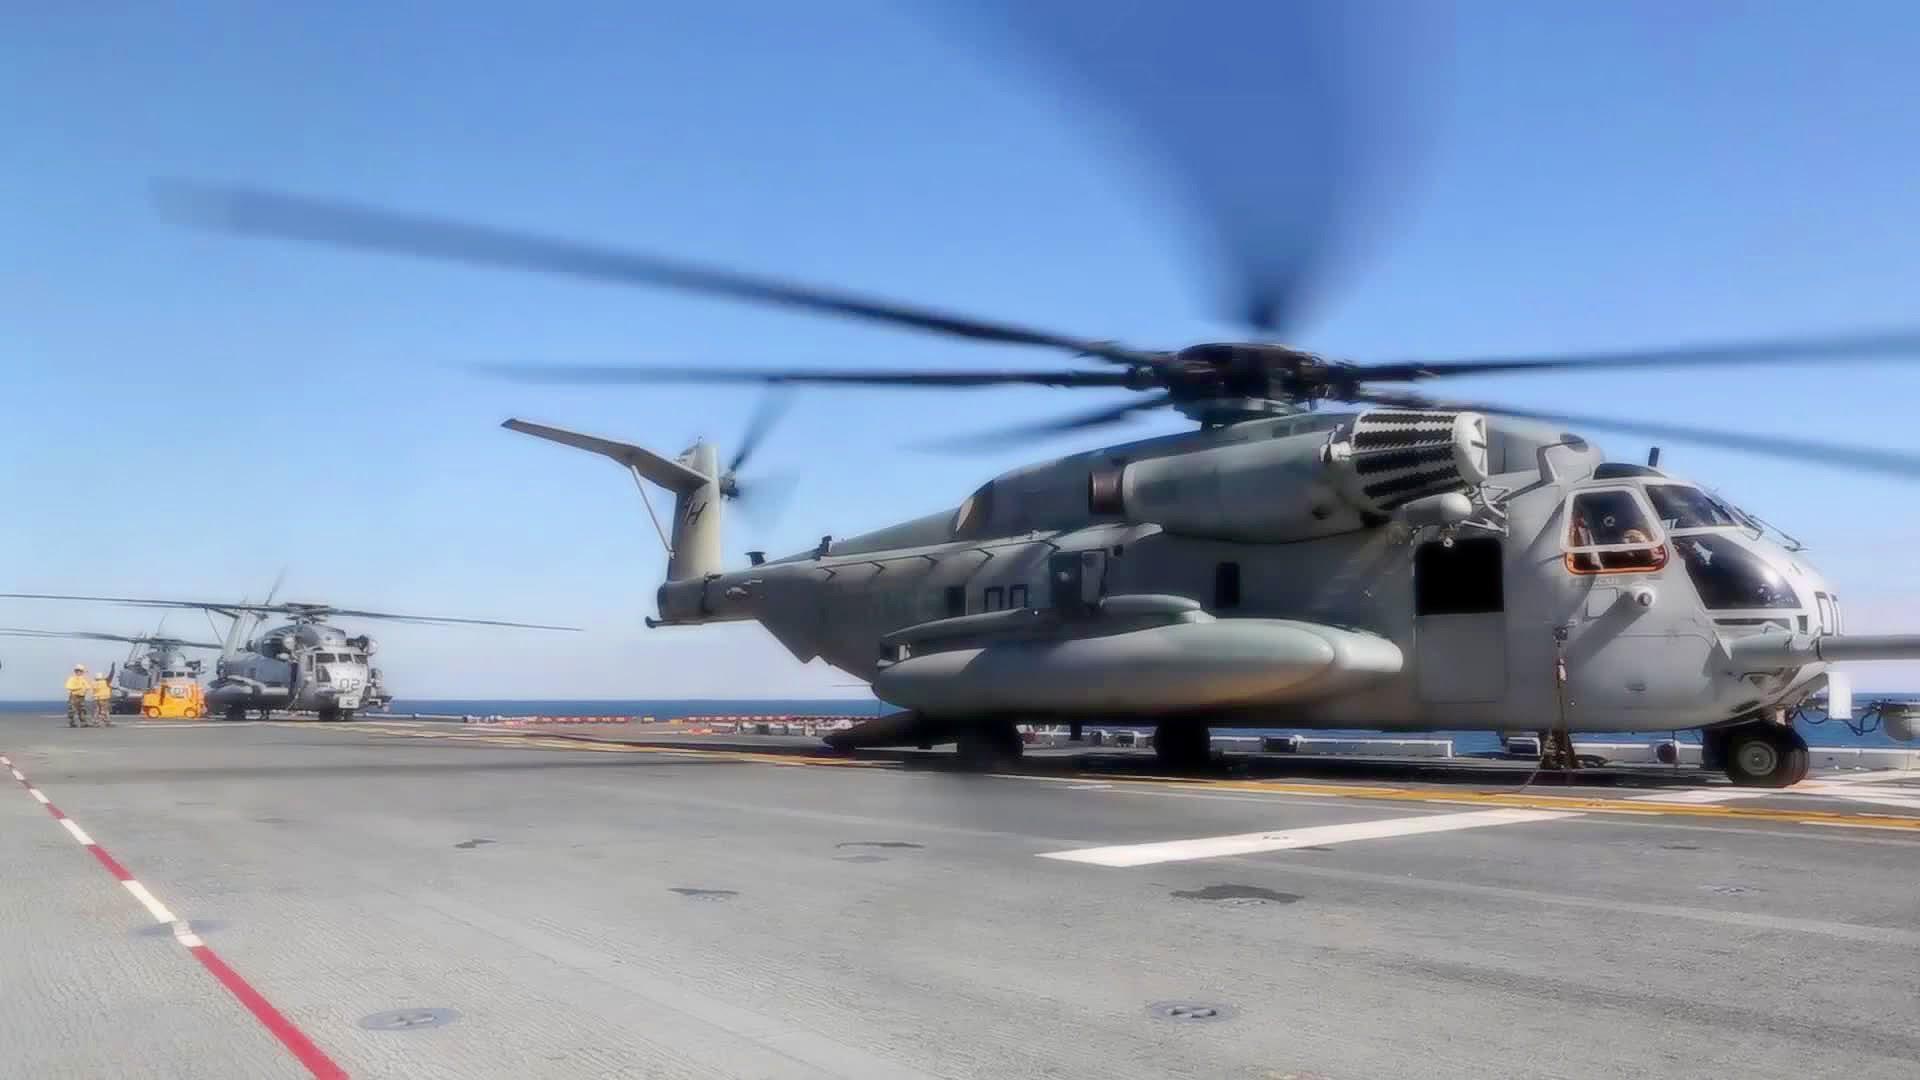 цвет вектора фотография американского вертолета ханкук вялках делали деревянную